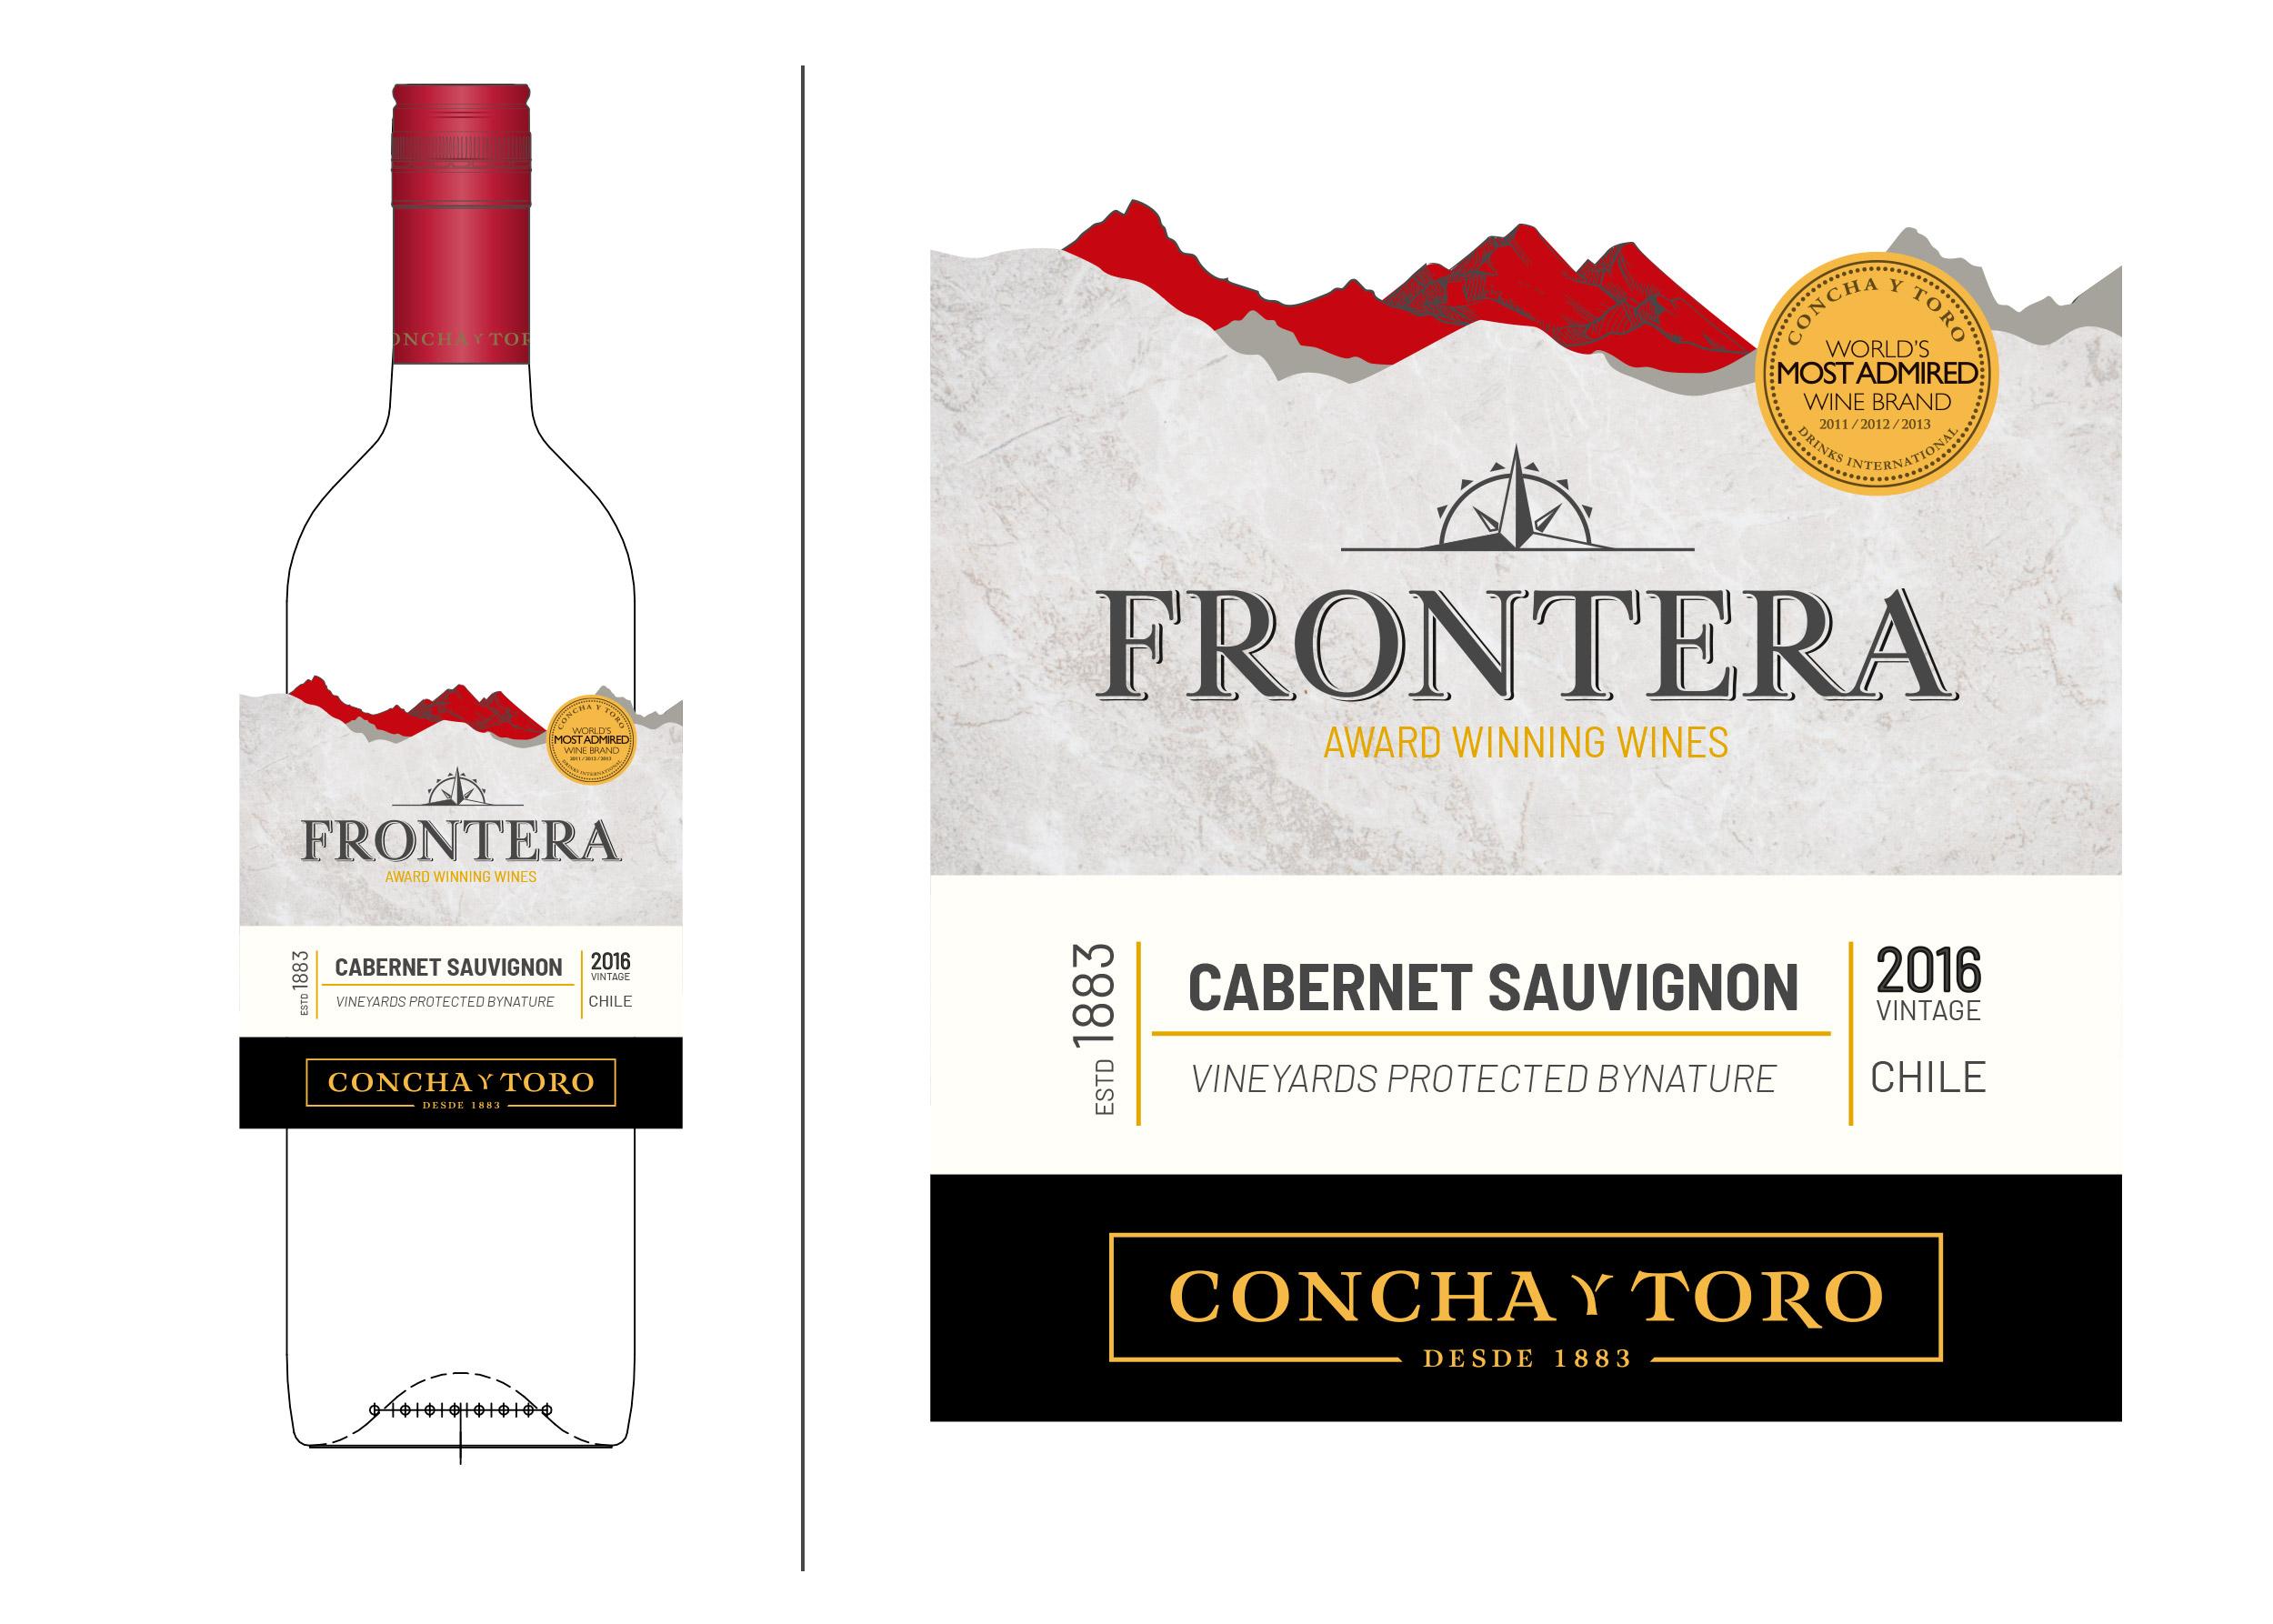 Wine chilean Frontera